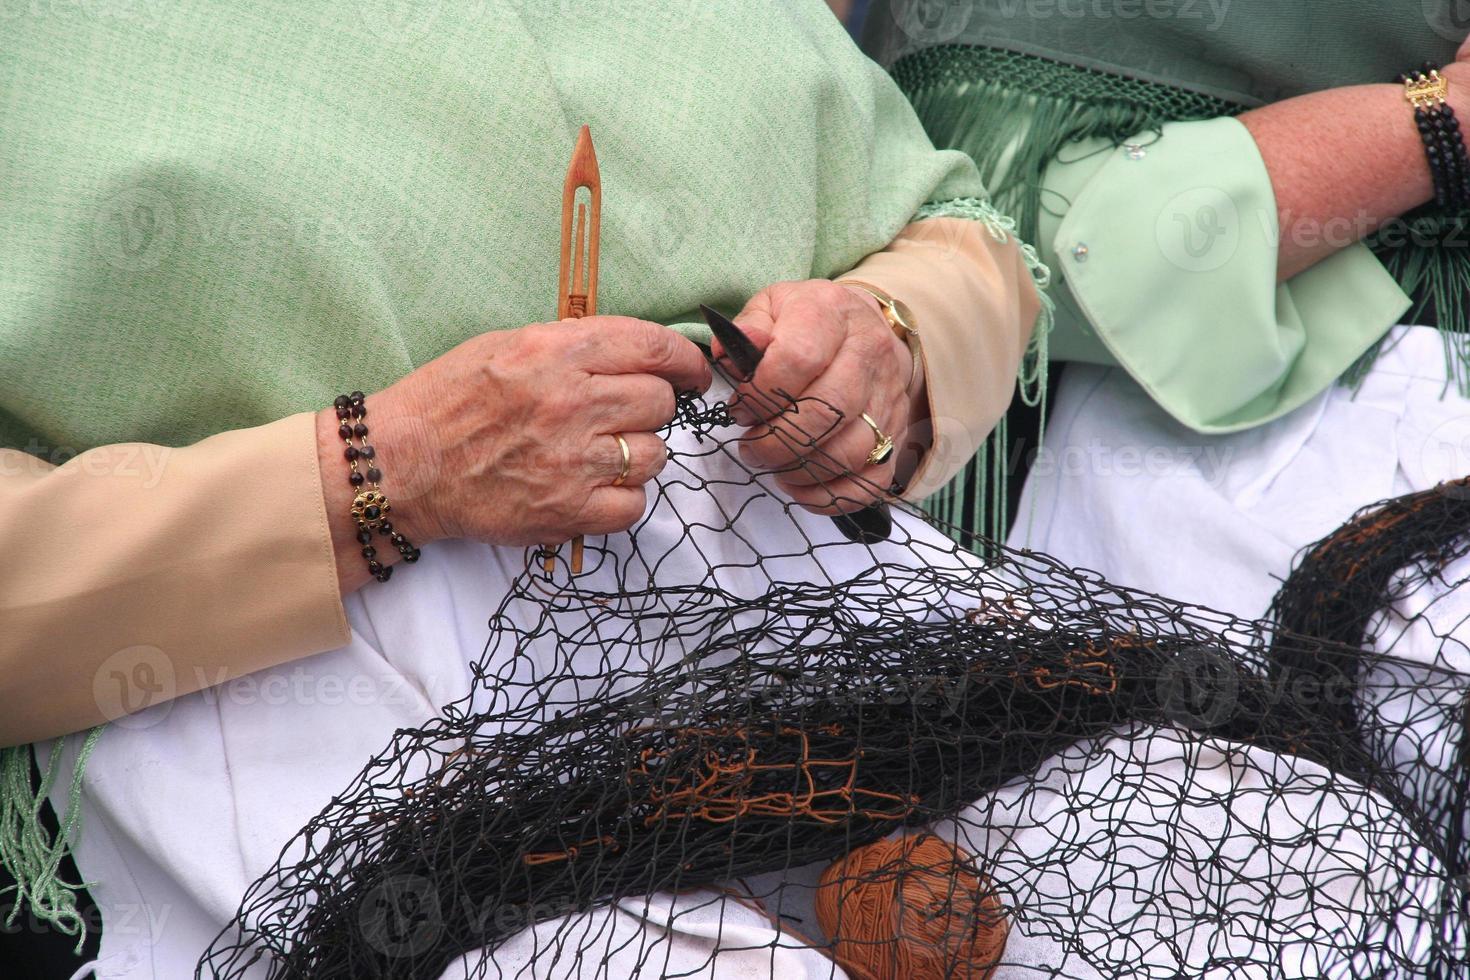 lavoro di pesca femminile foto